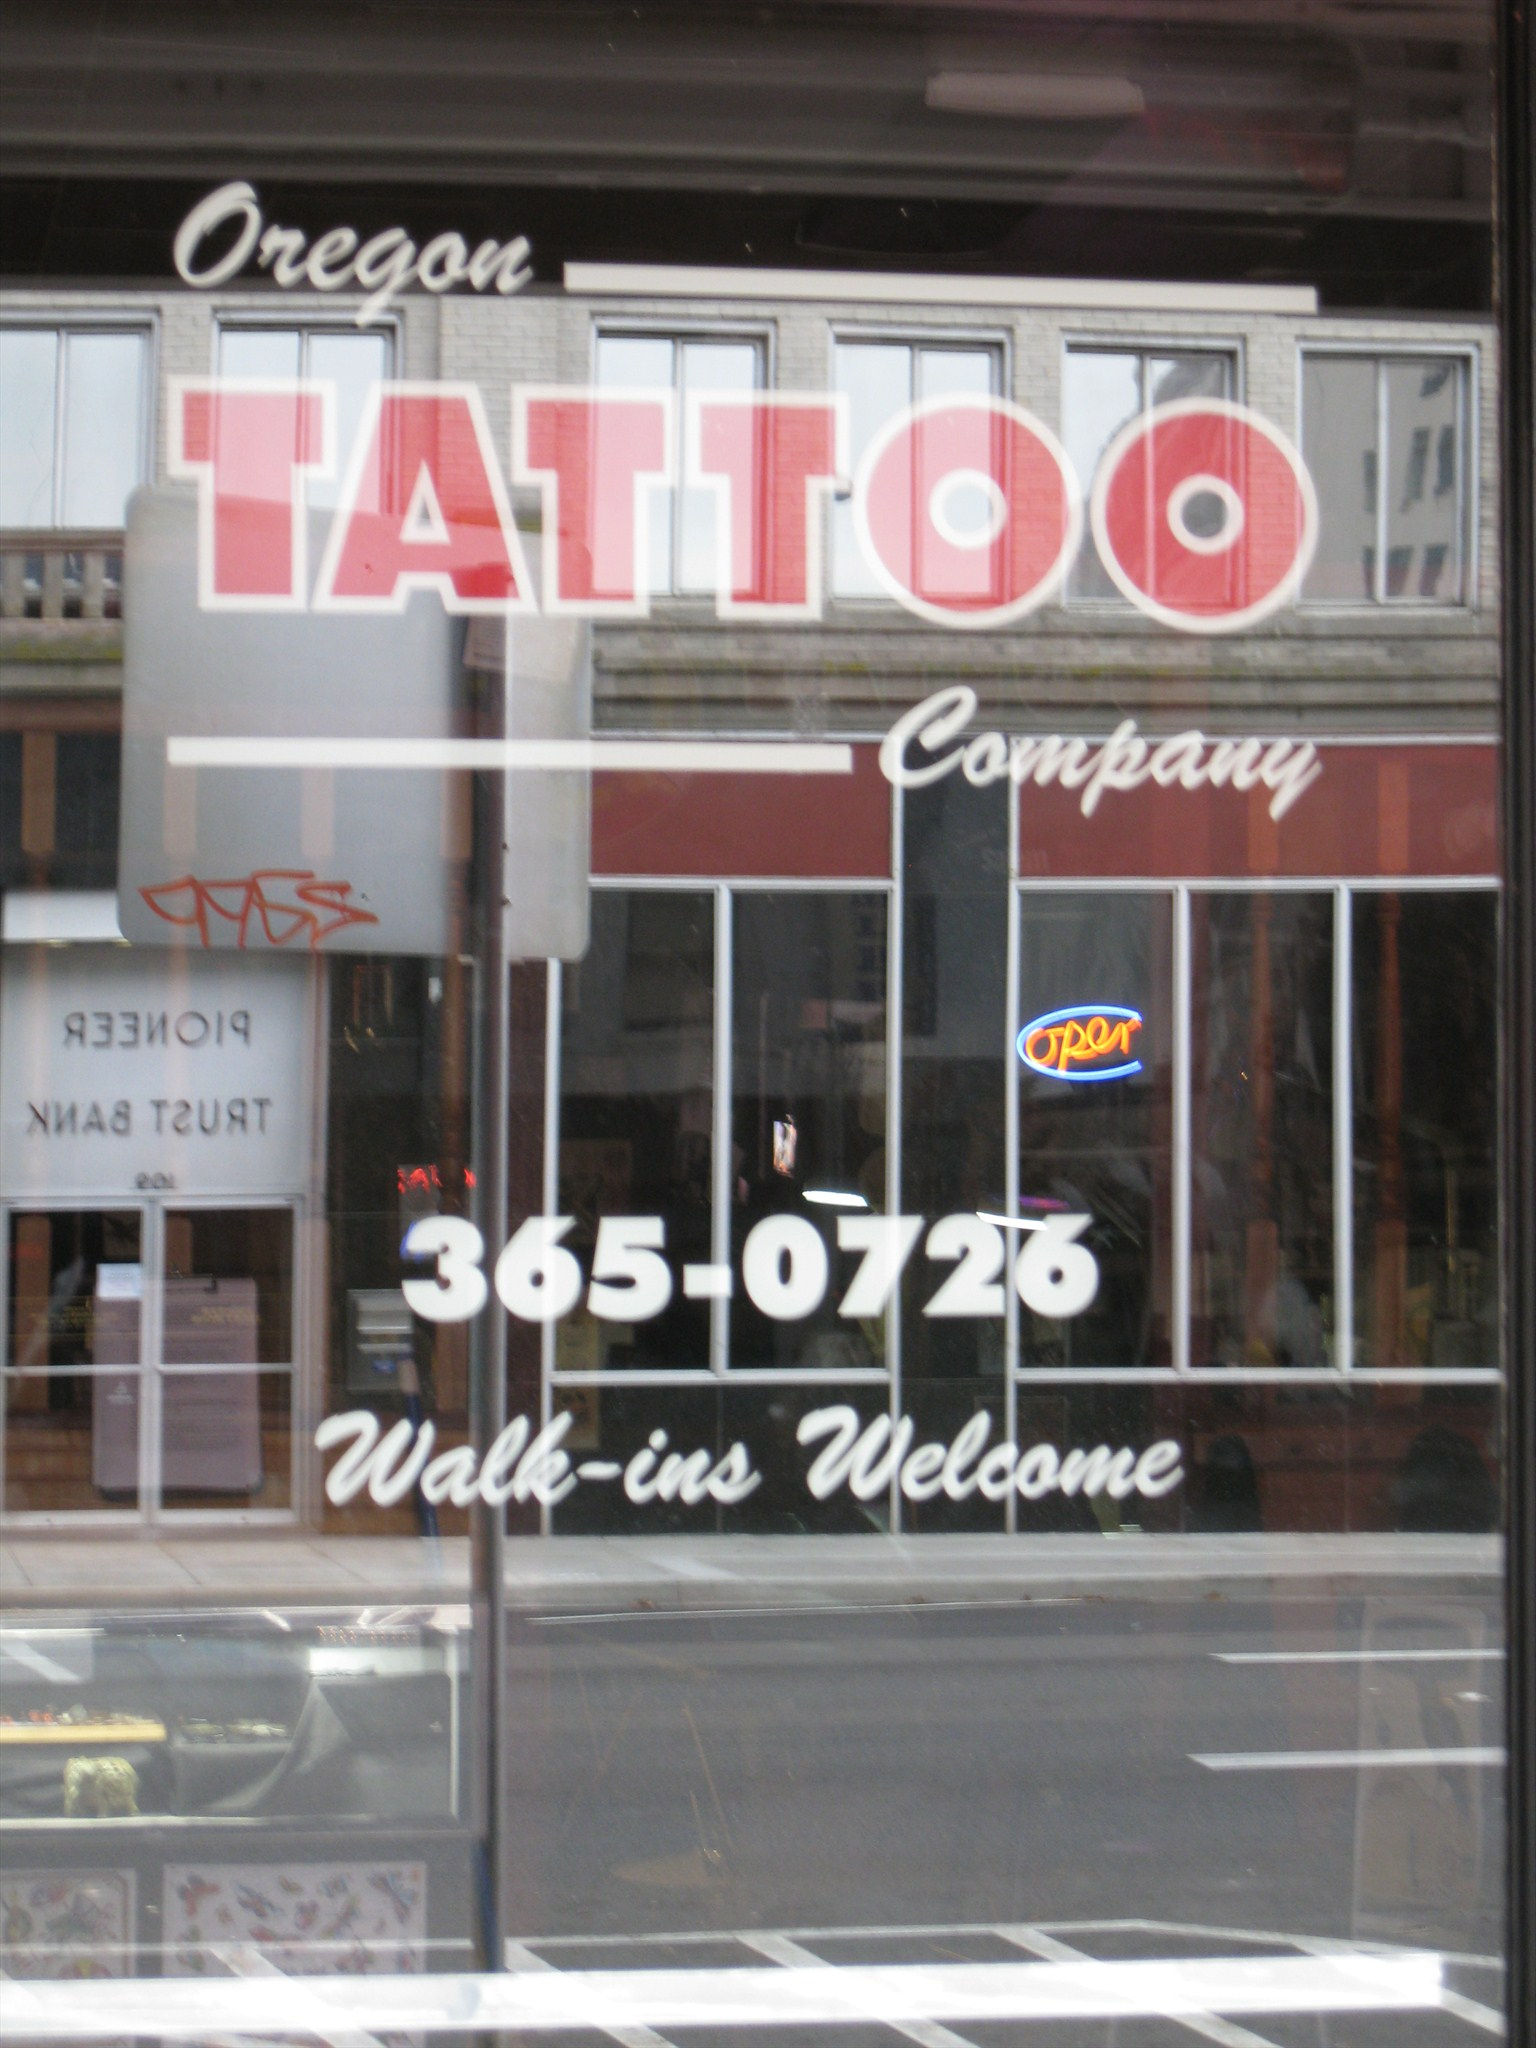 Oregon tattoo company salem oregon tattoo shops for Tattoo shops in salem ma